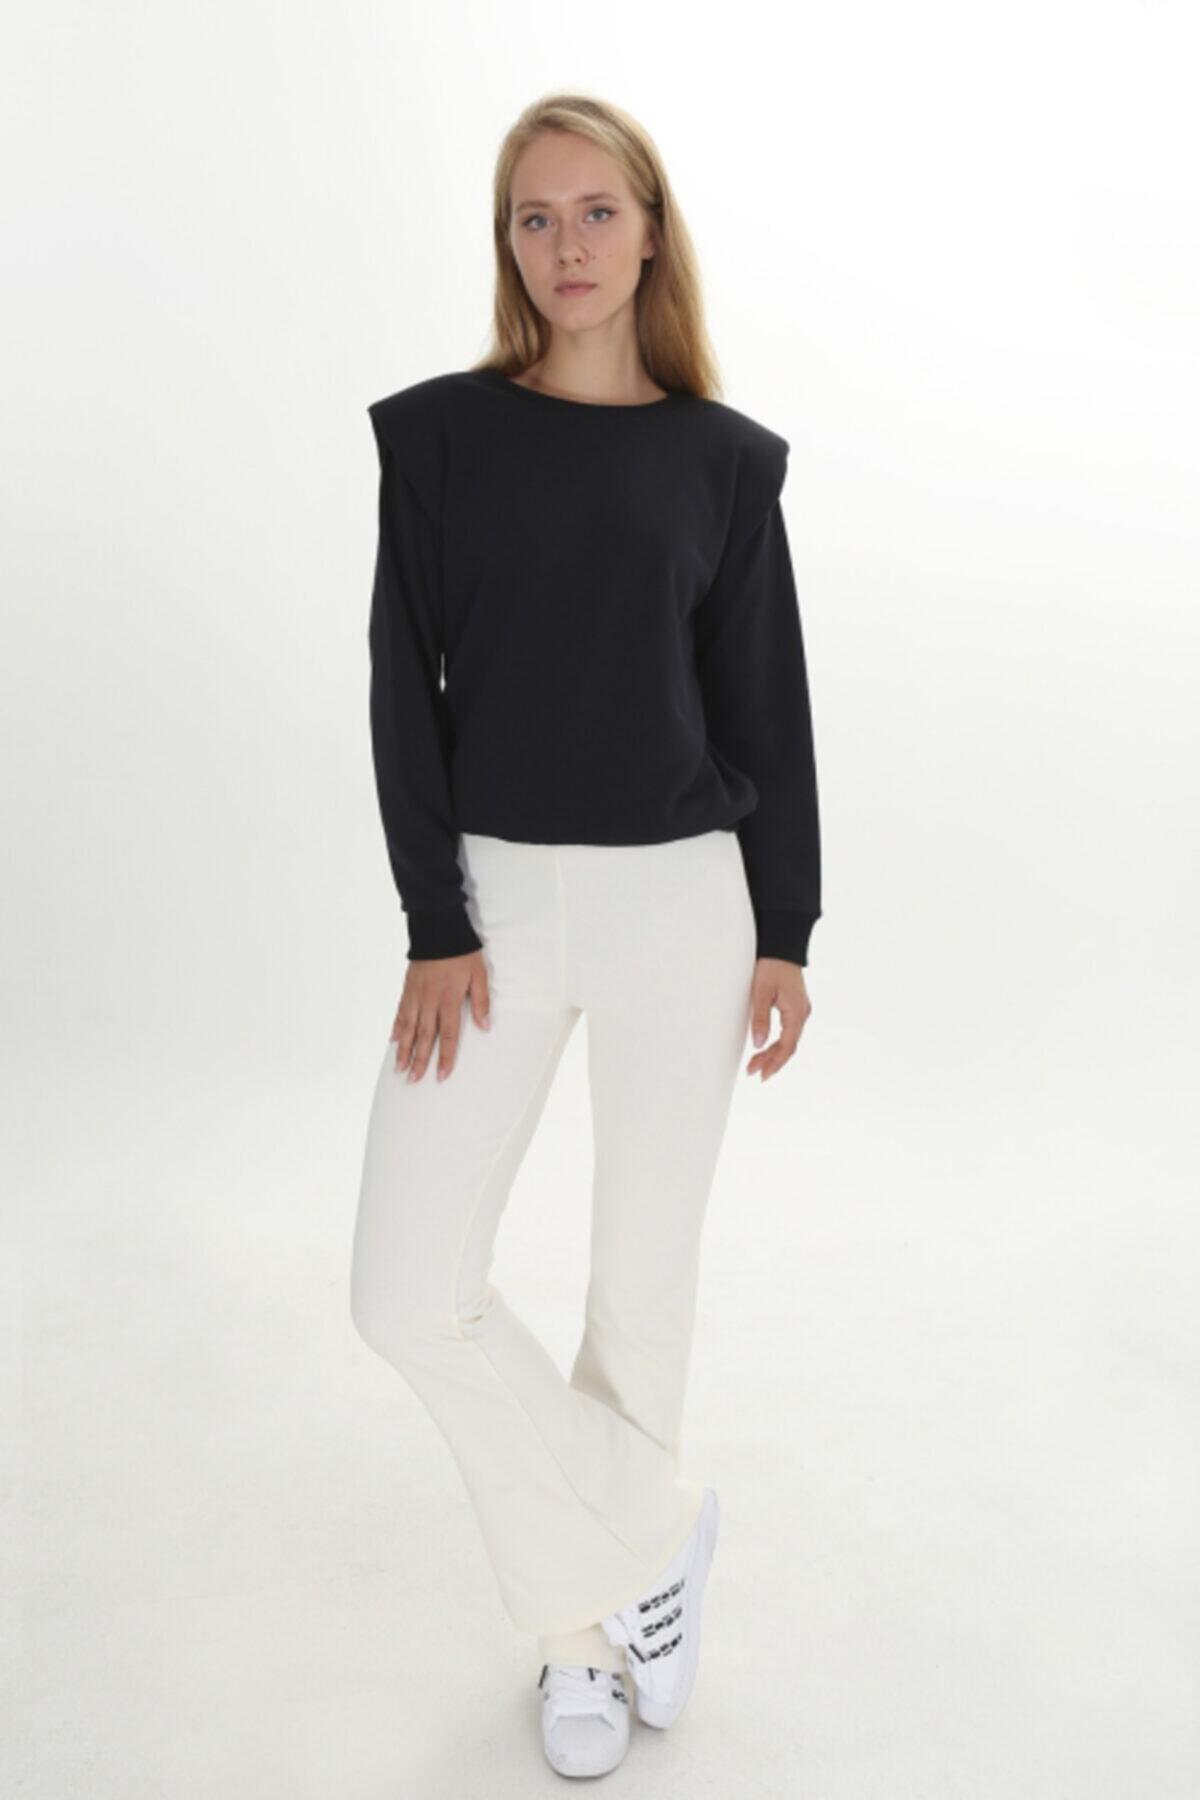 Kadın Ekru Paçaları Yan Yırtmaçlı Tayt Pantolon